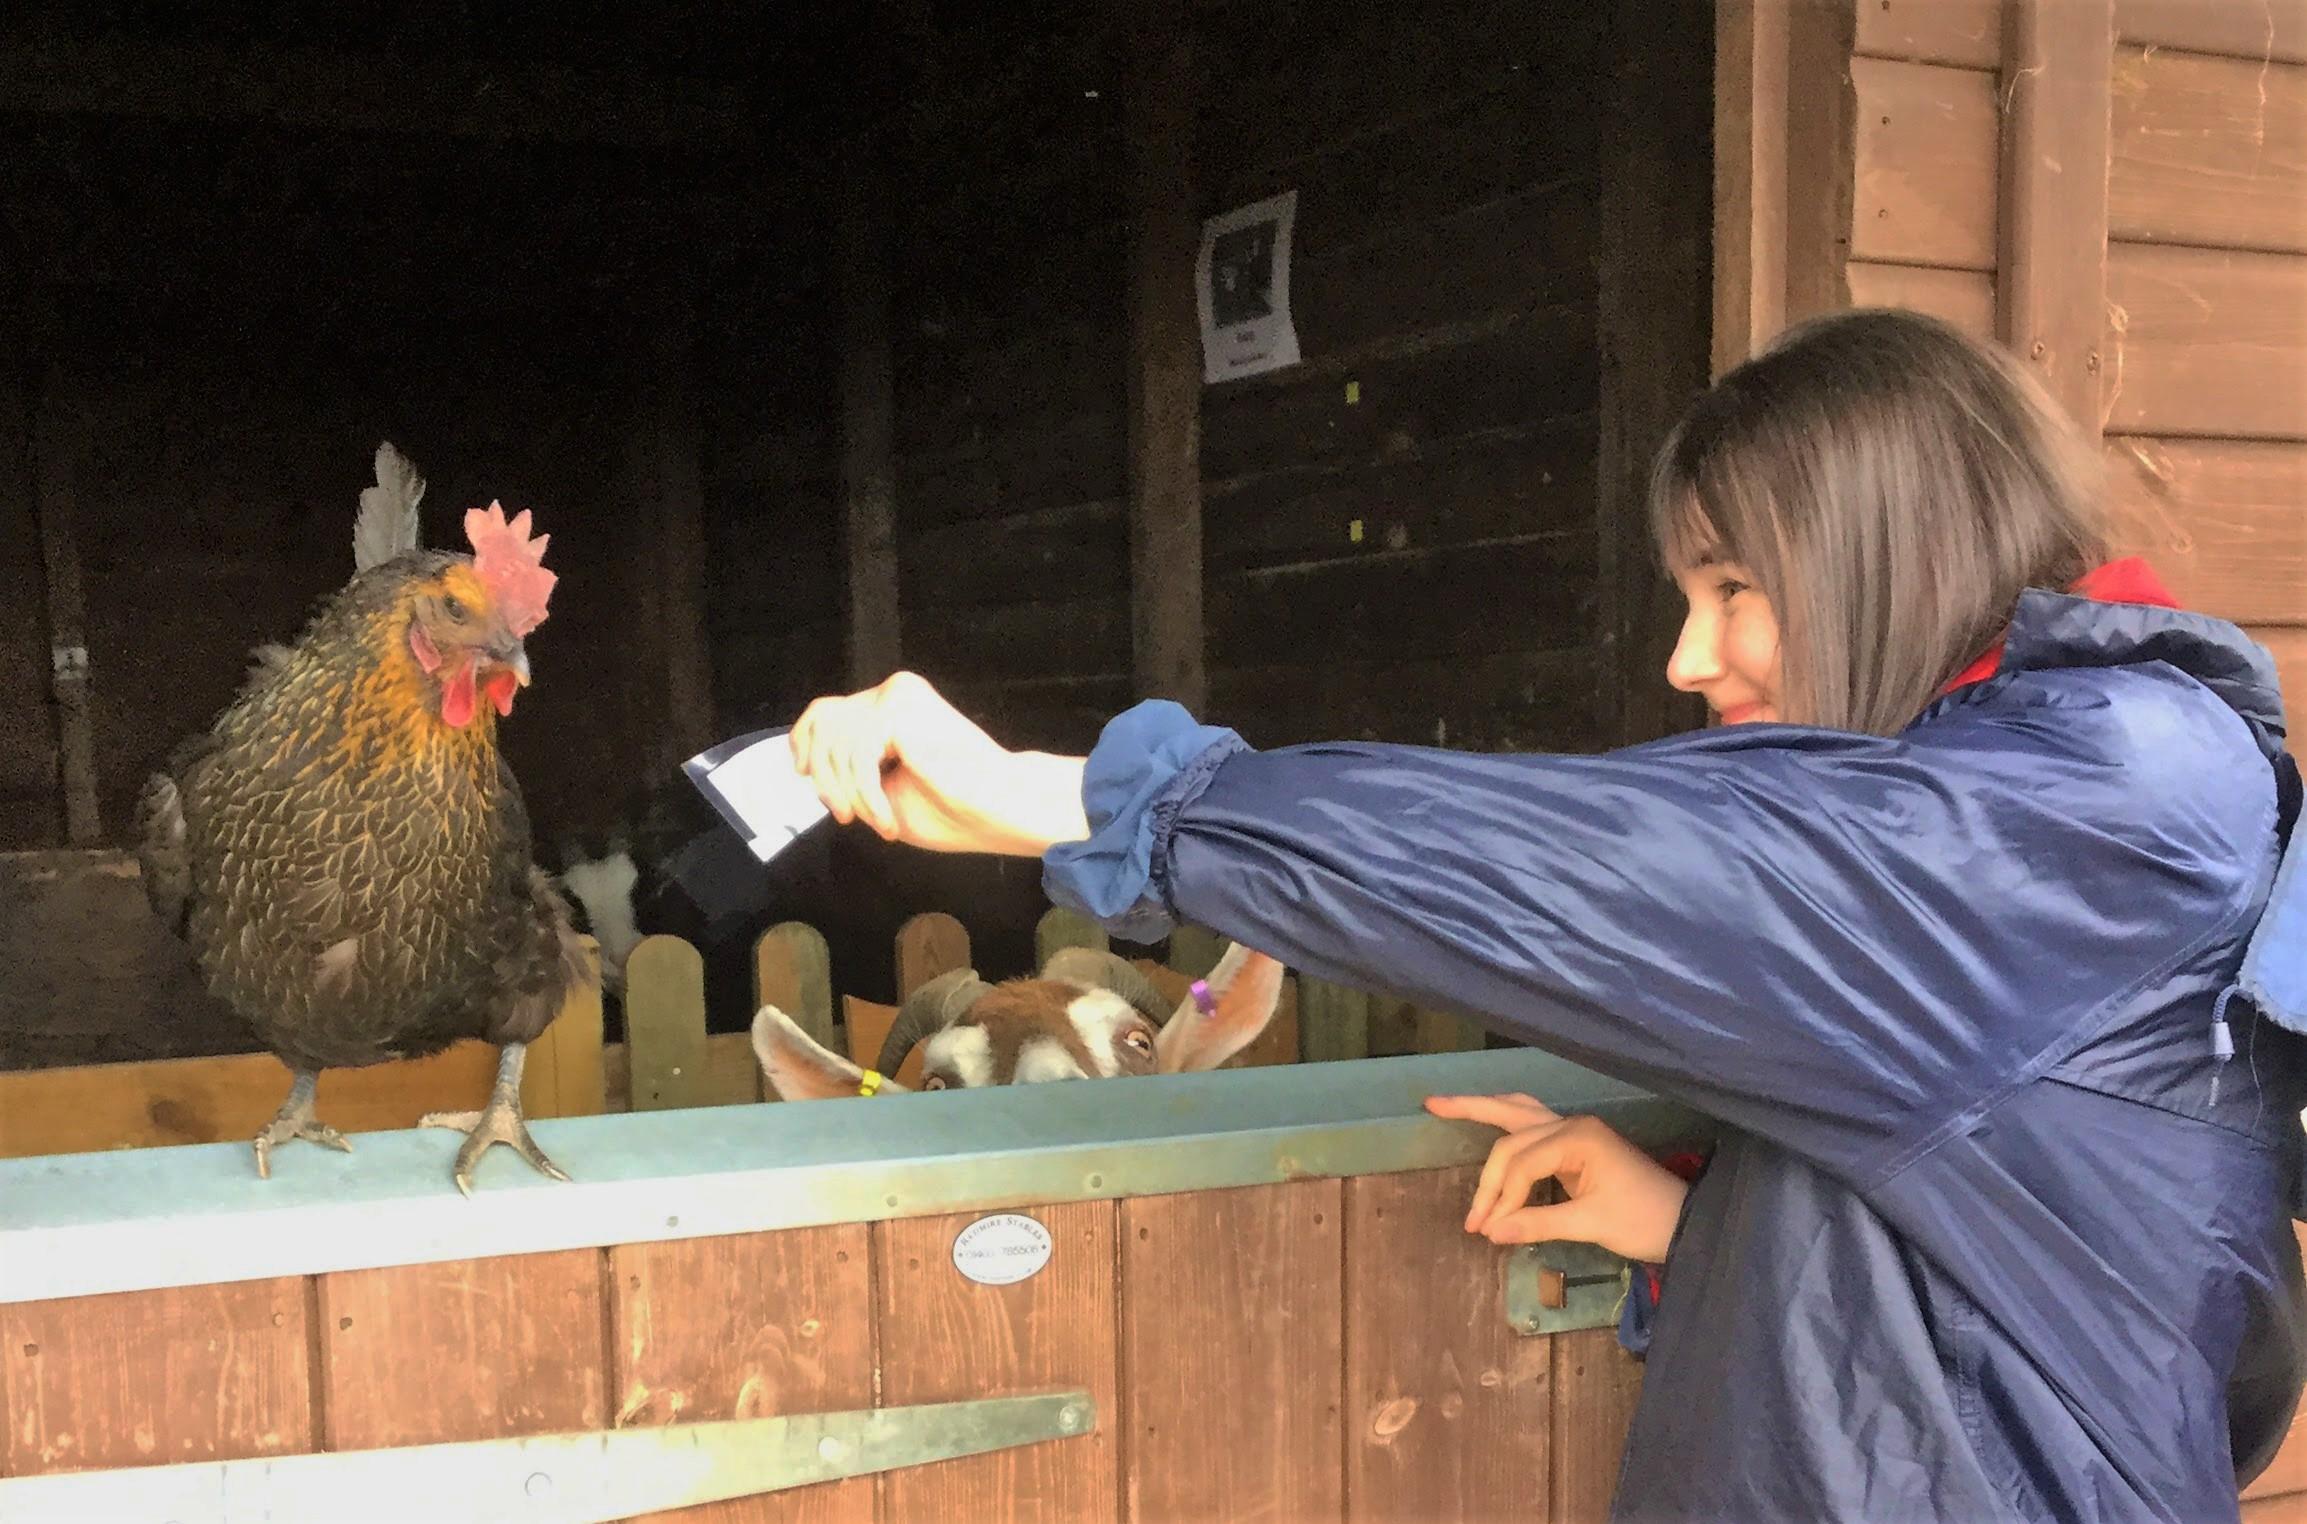 Chicken on door